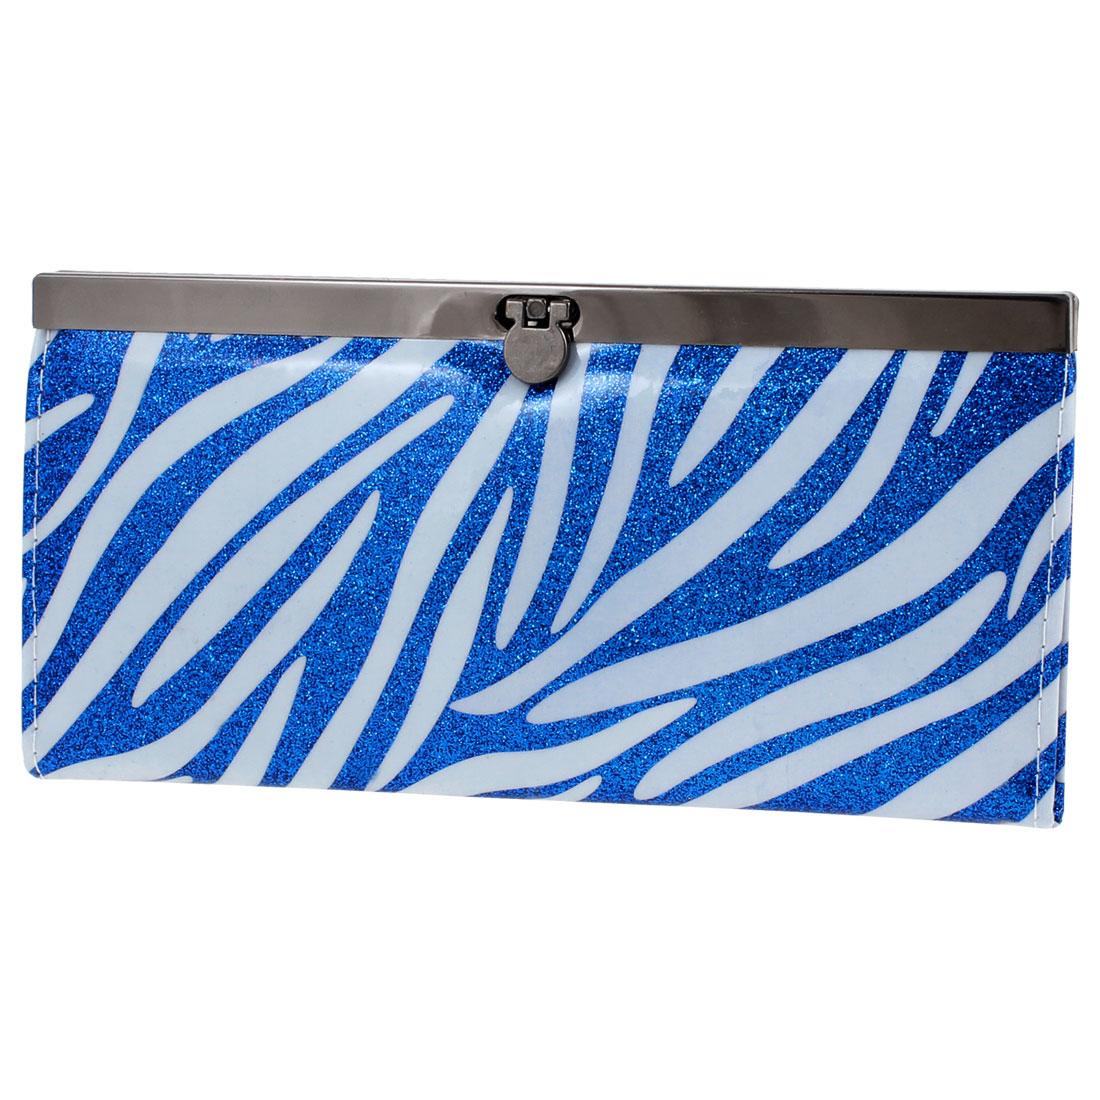 Zebra Pattern Flip Lock Closure Faux Leather Wallet Purse Blue White for Women